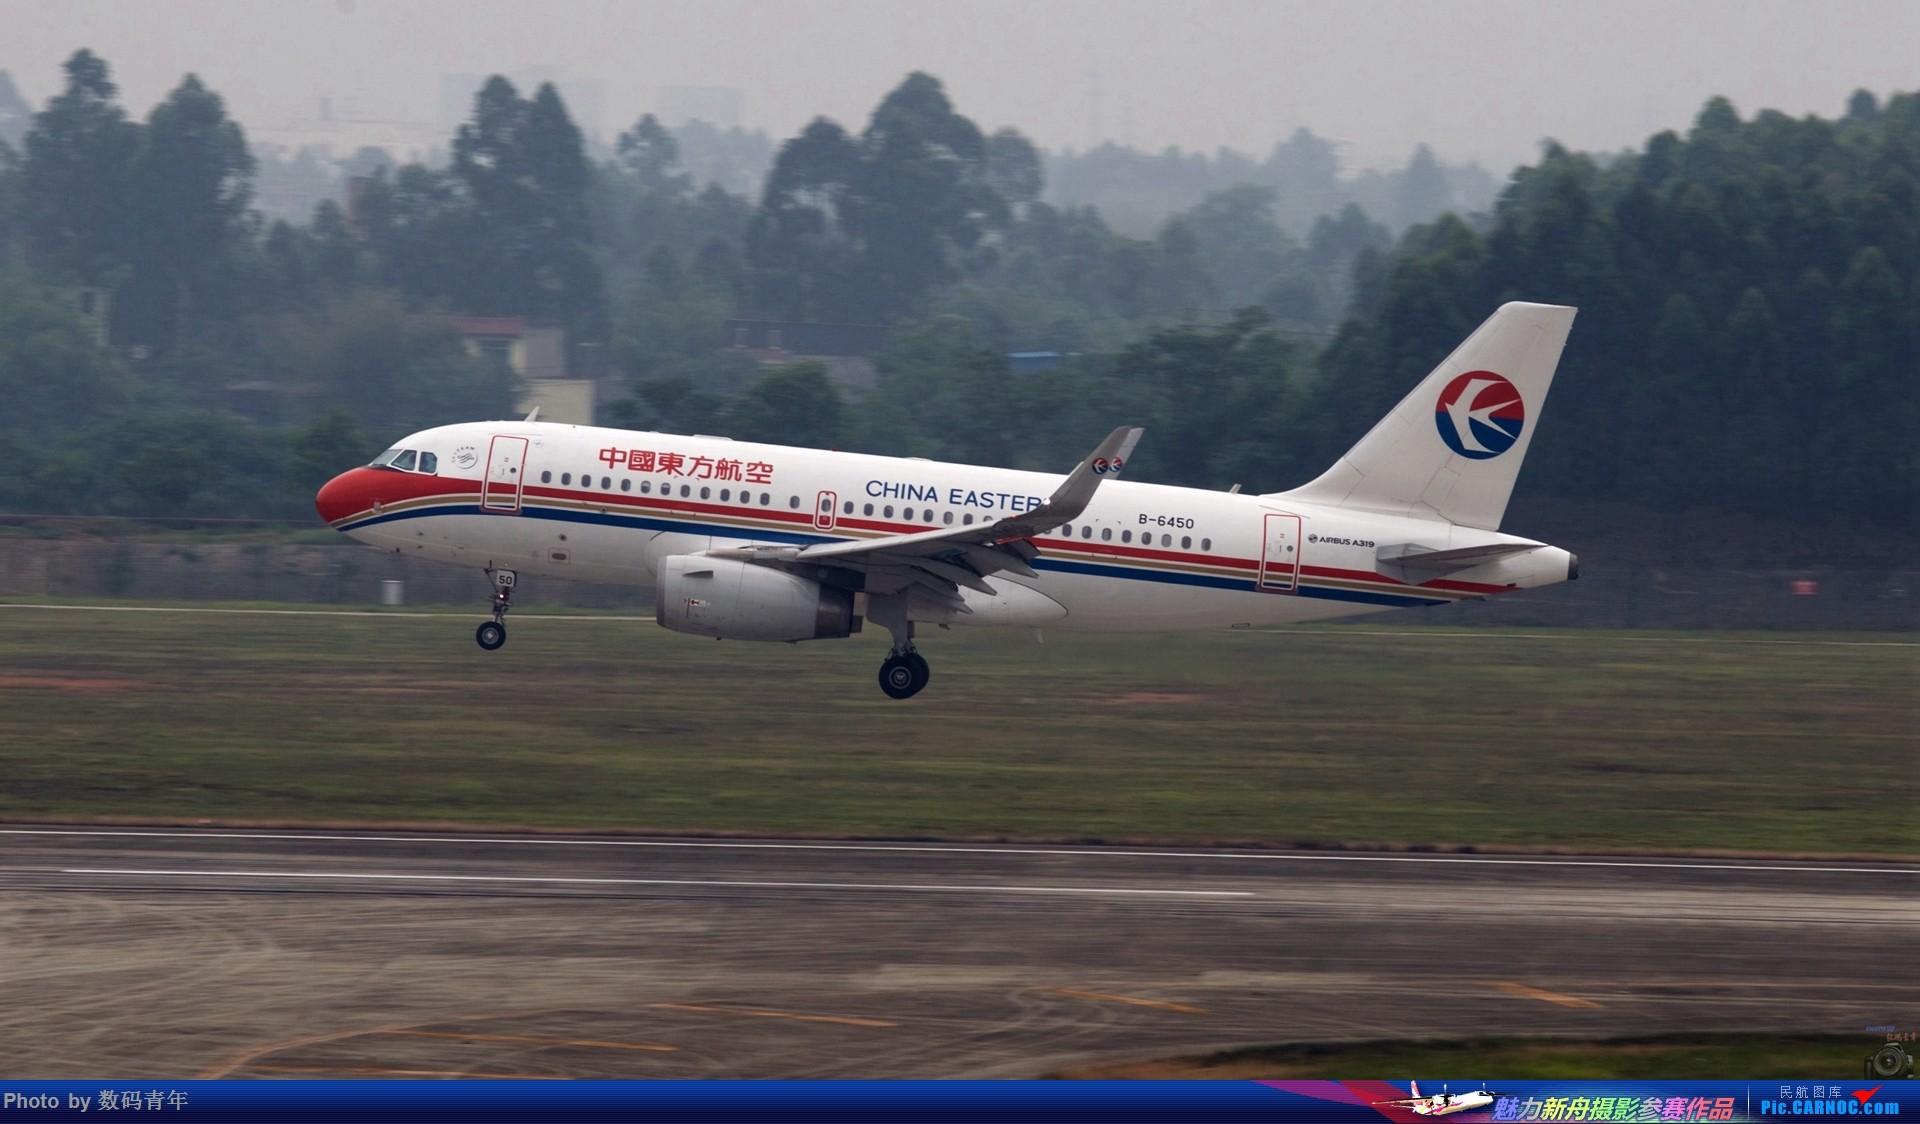 Re:[原创]重出江湖【CTU】2015.5.17打飞机 AIRBUS A319-100 B-6450 中国成都双流国际机场